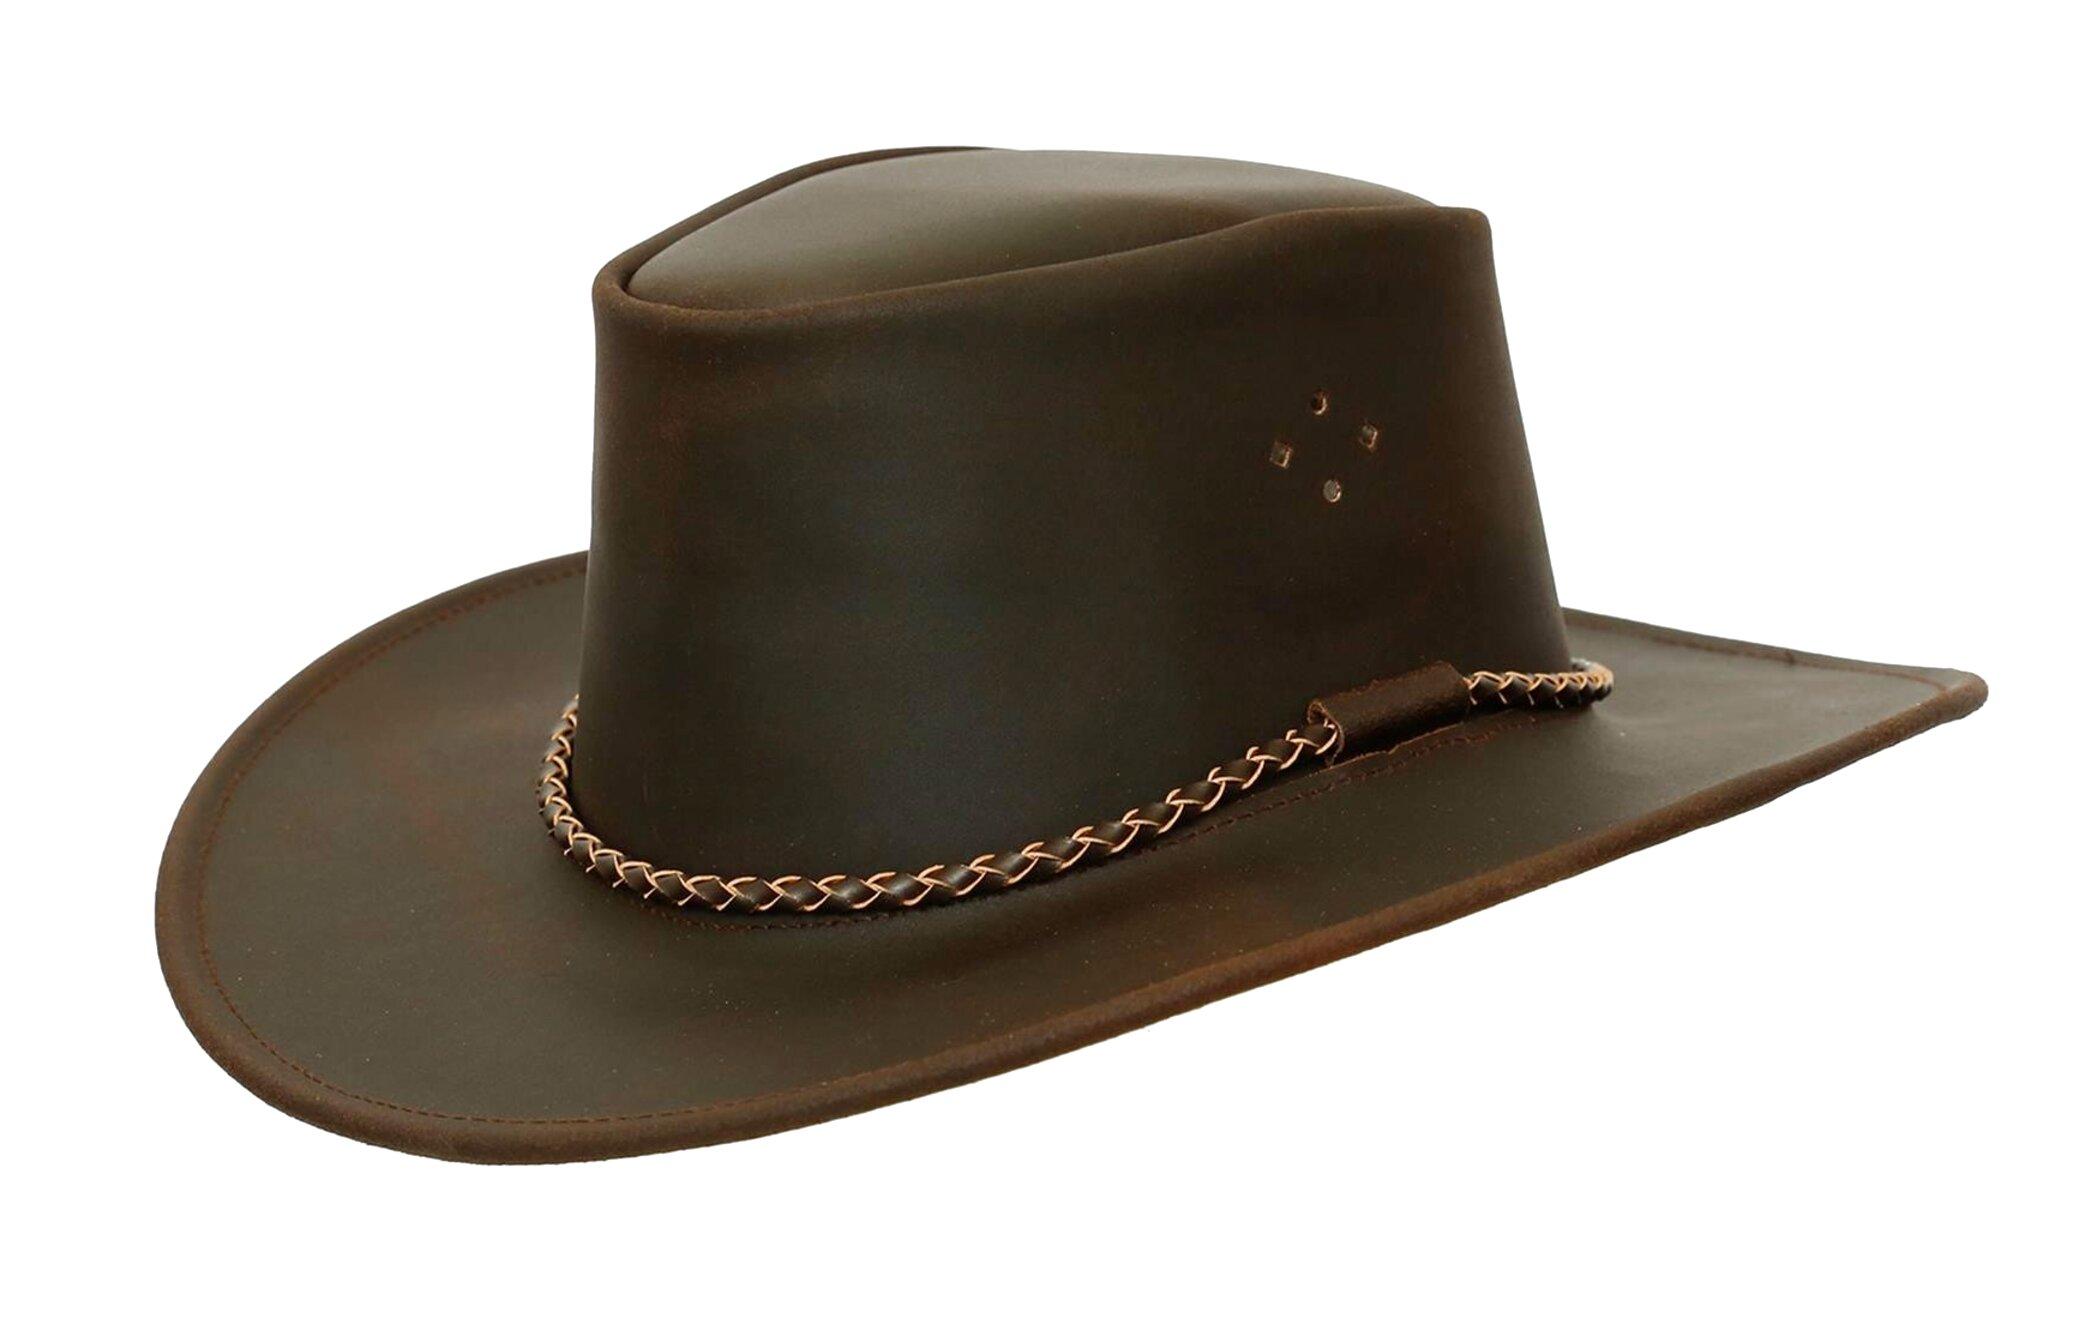 kakadu hat for sale